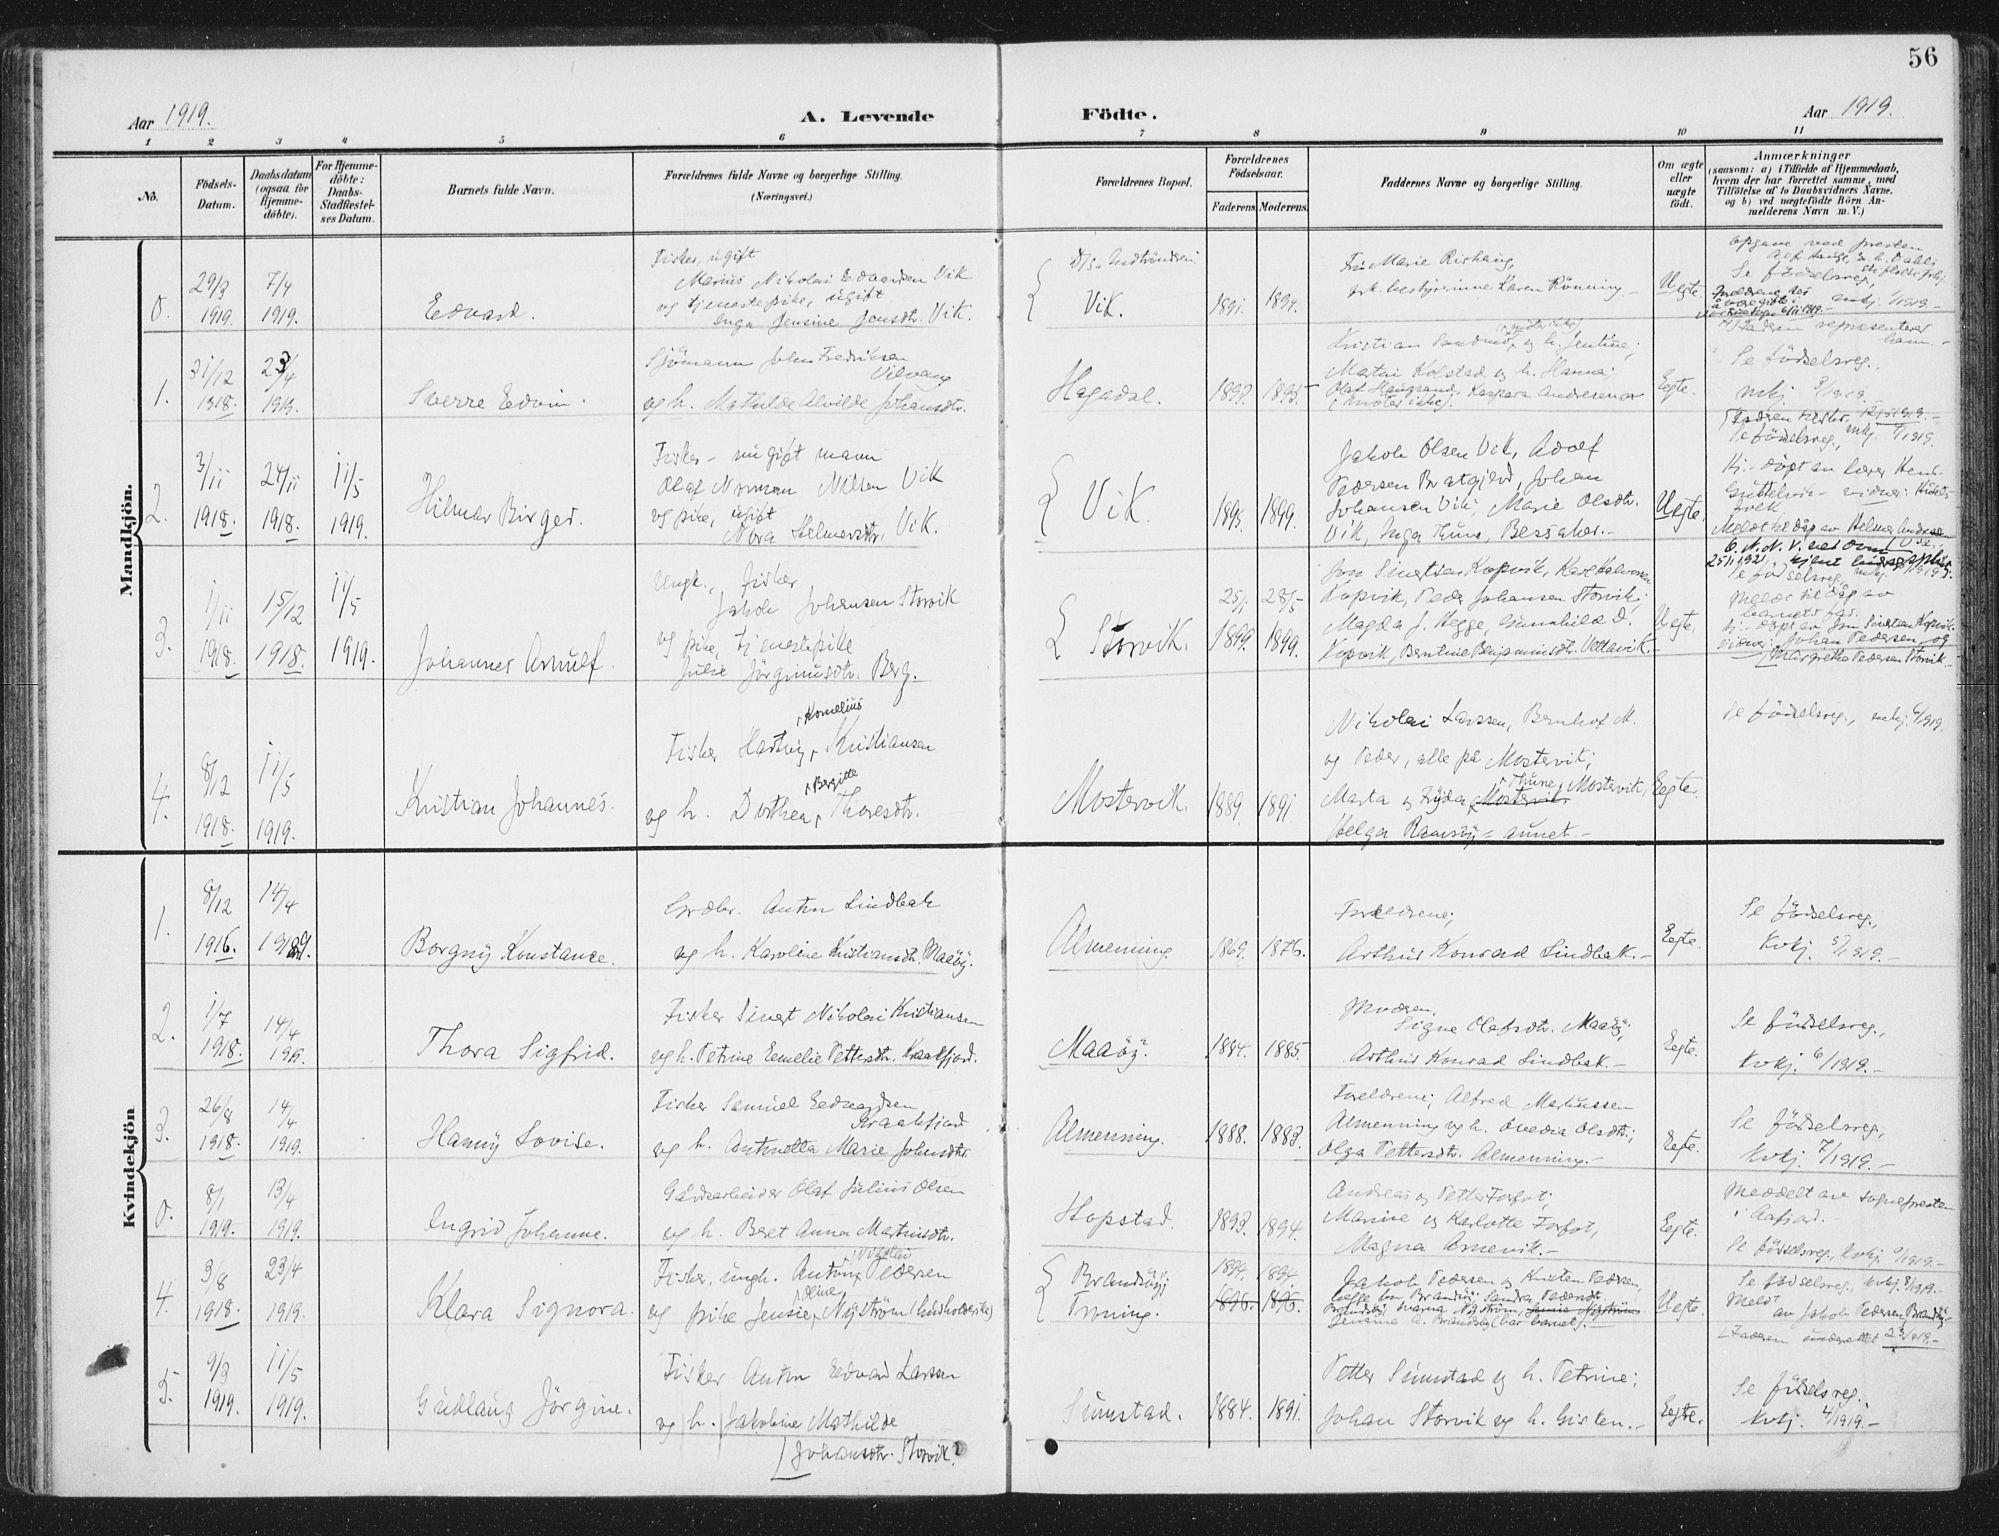 SAT, Ministerialprotokoller, klokkerbøker og fødselsregistre - Sør-Trøndelag, 657/L0709: Ministerialbok nr. 657A10, 1905-1919, s. 56